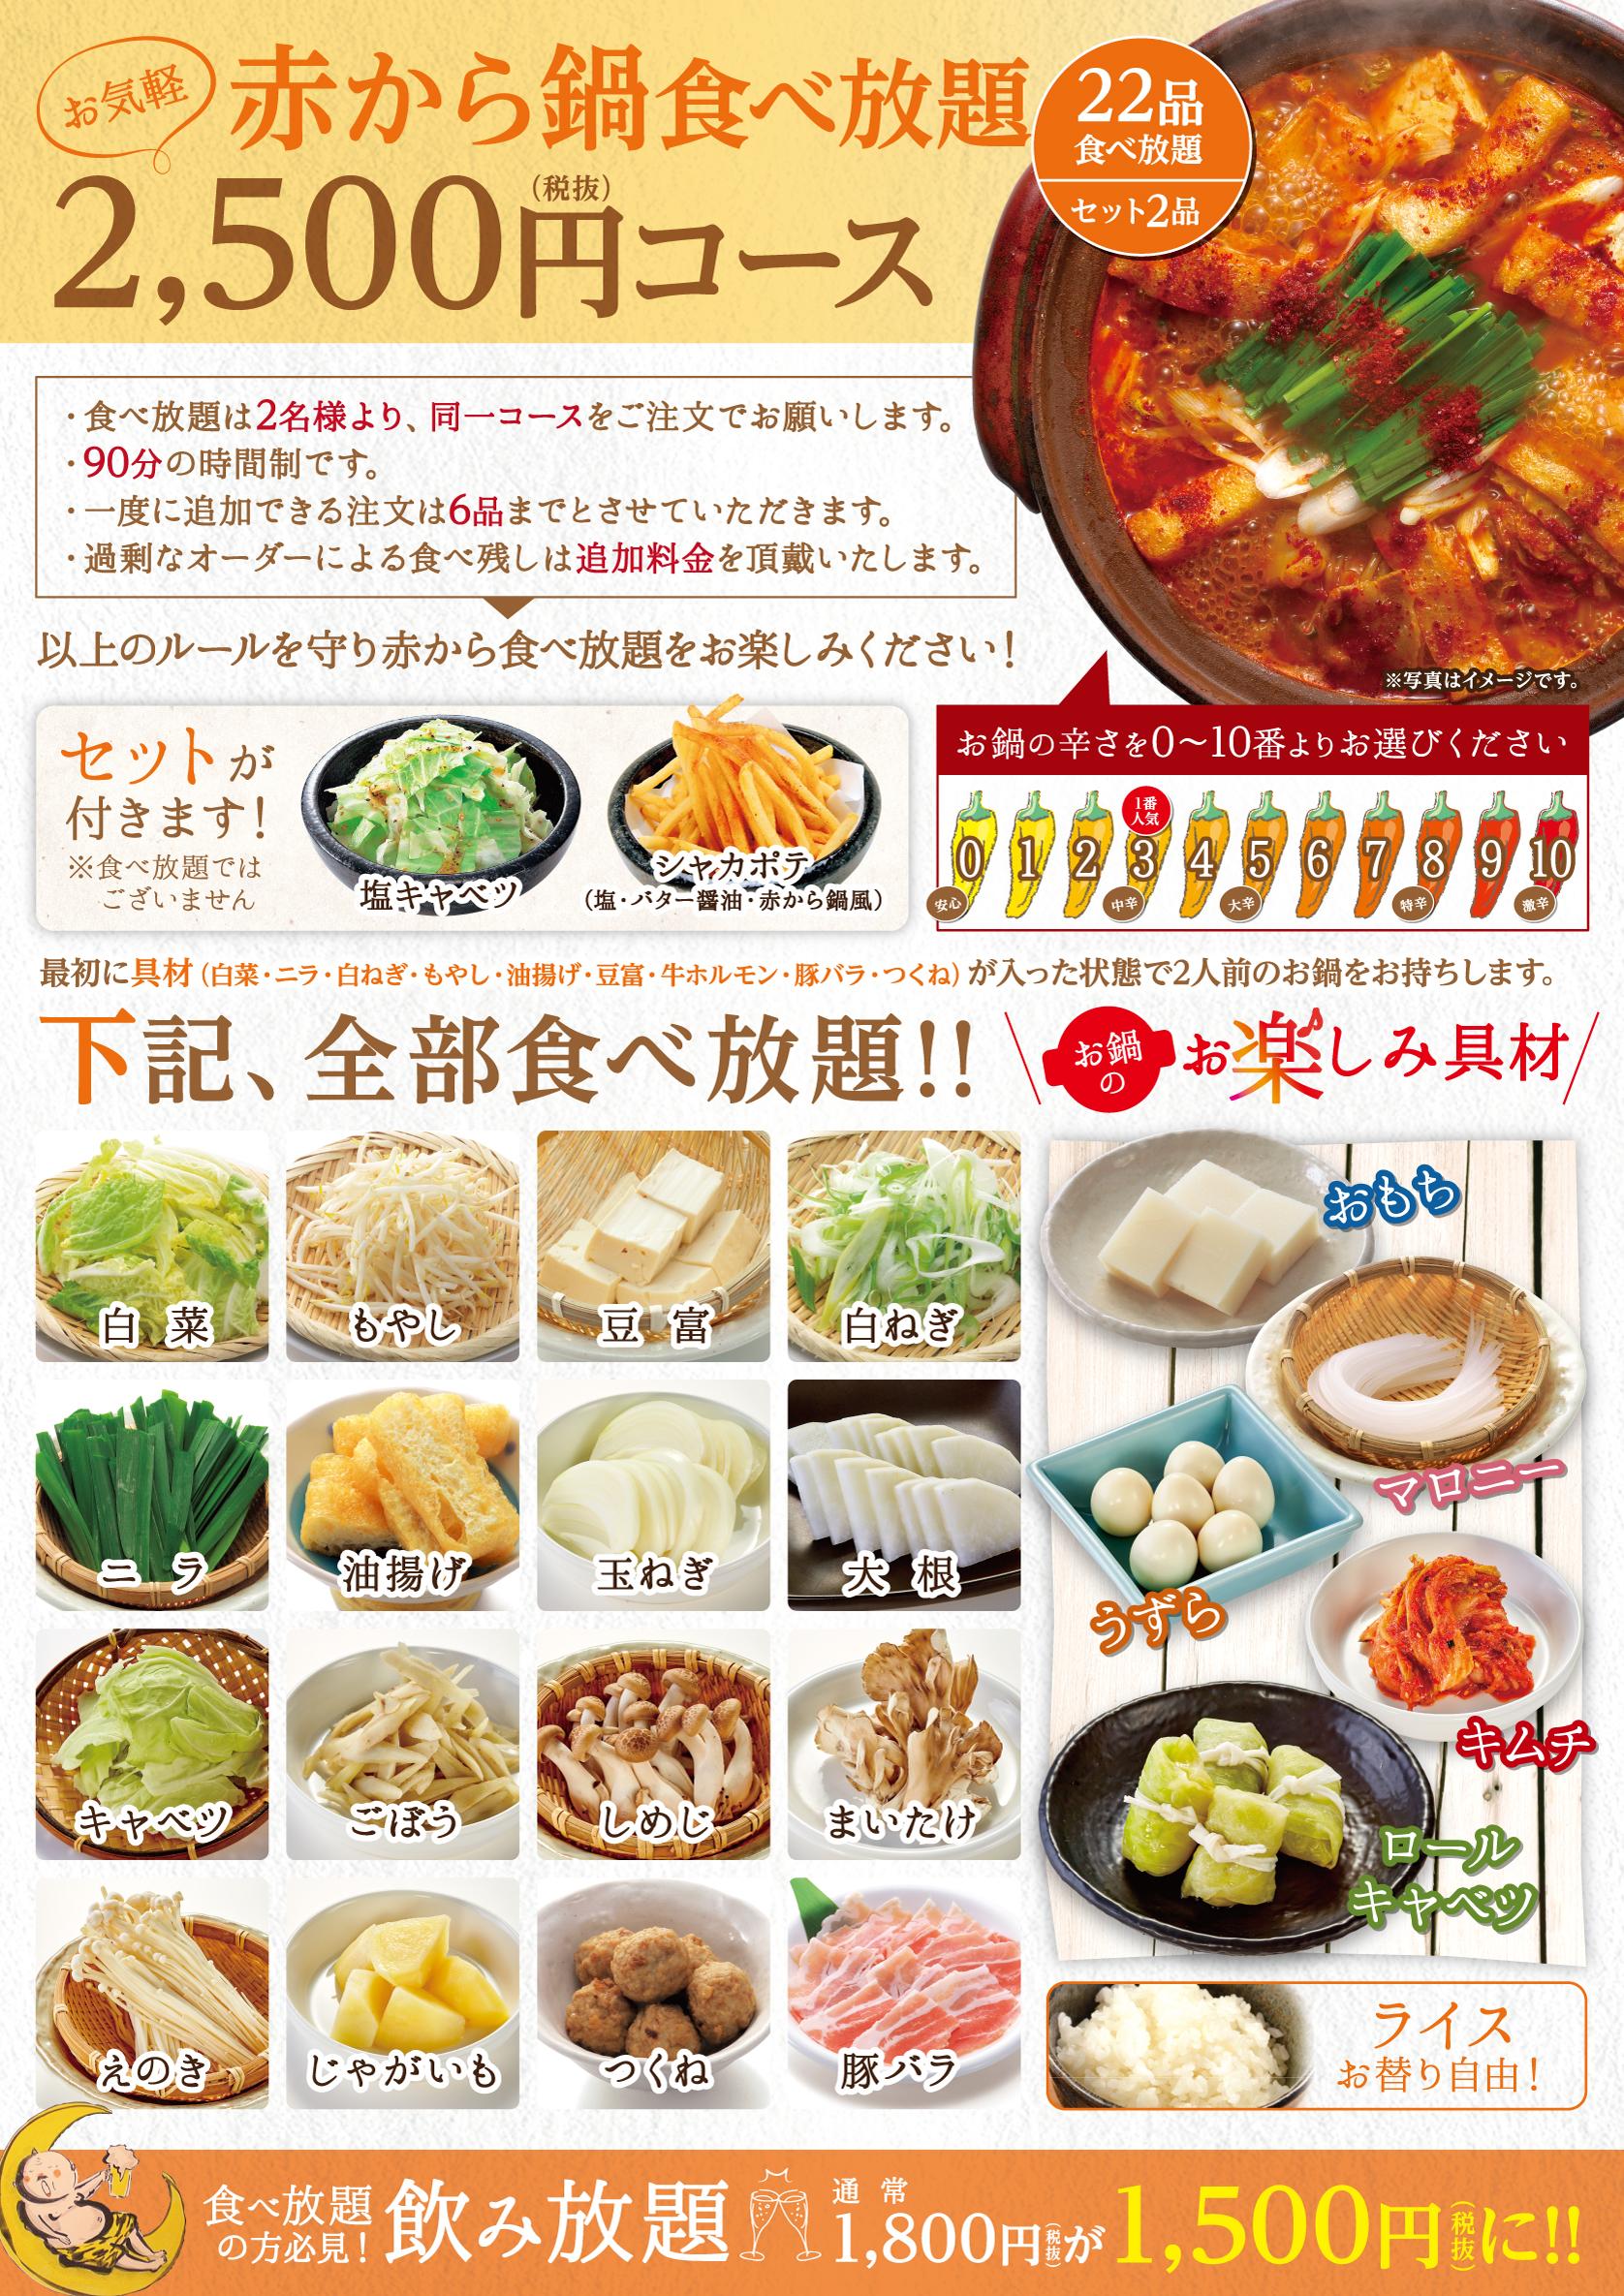 赤から鍋 食べ飲み放題3,500円~